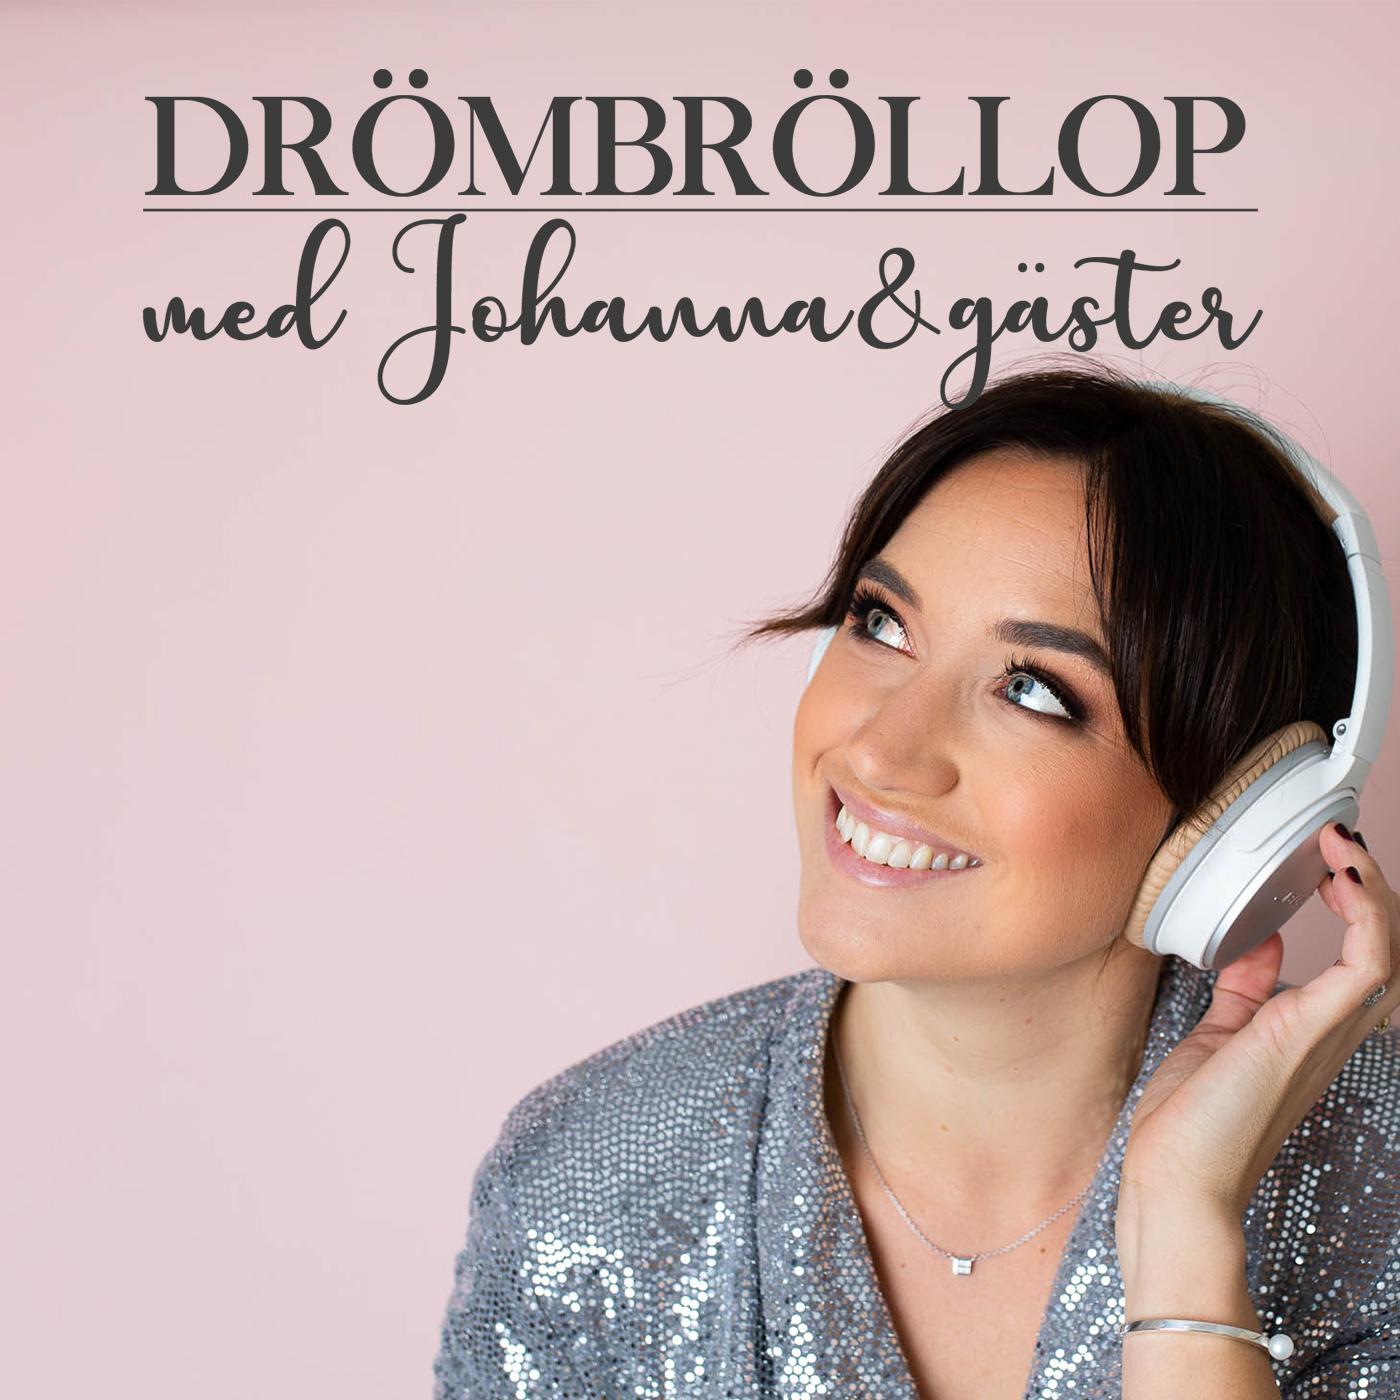 Drömbröllop med Johanna och gäster show art